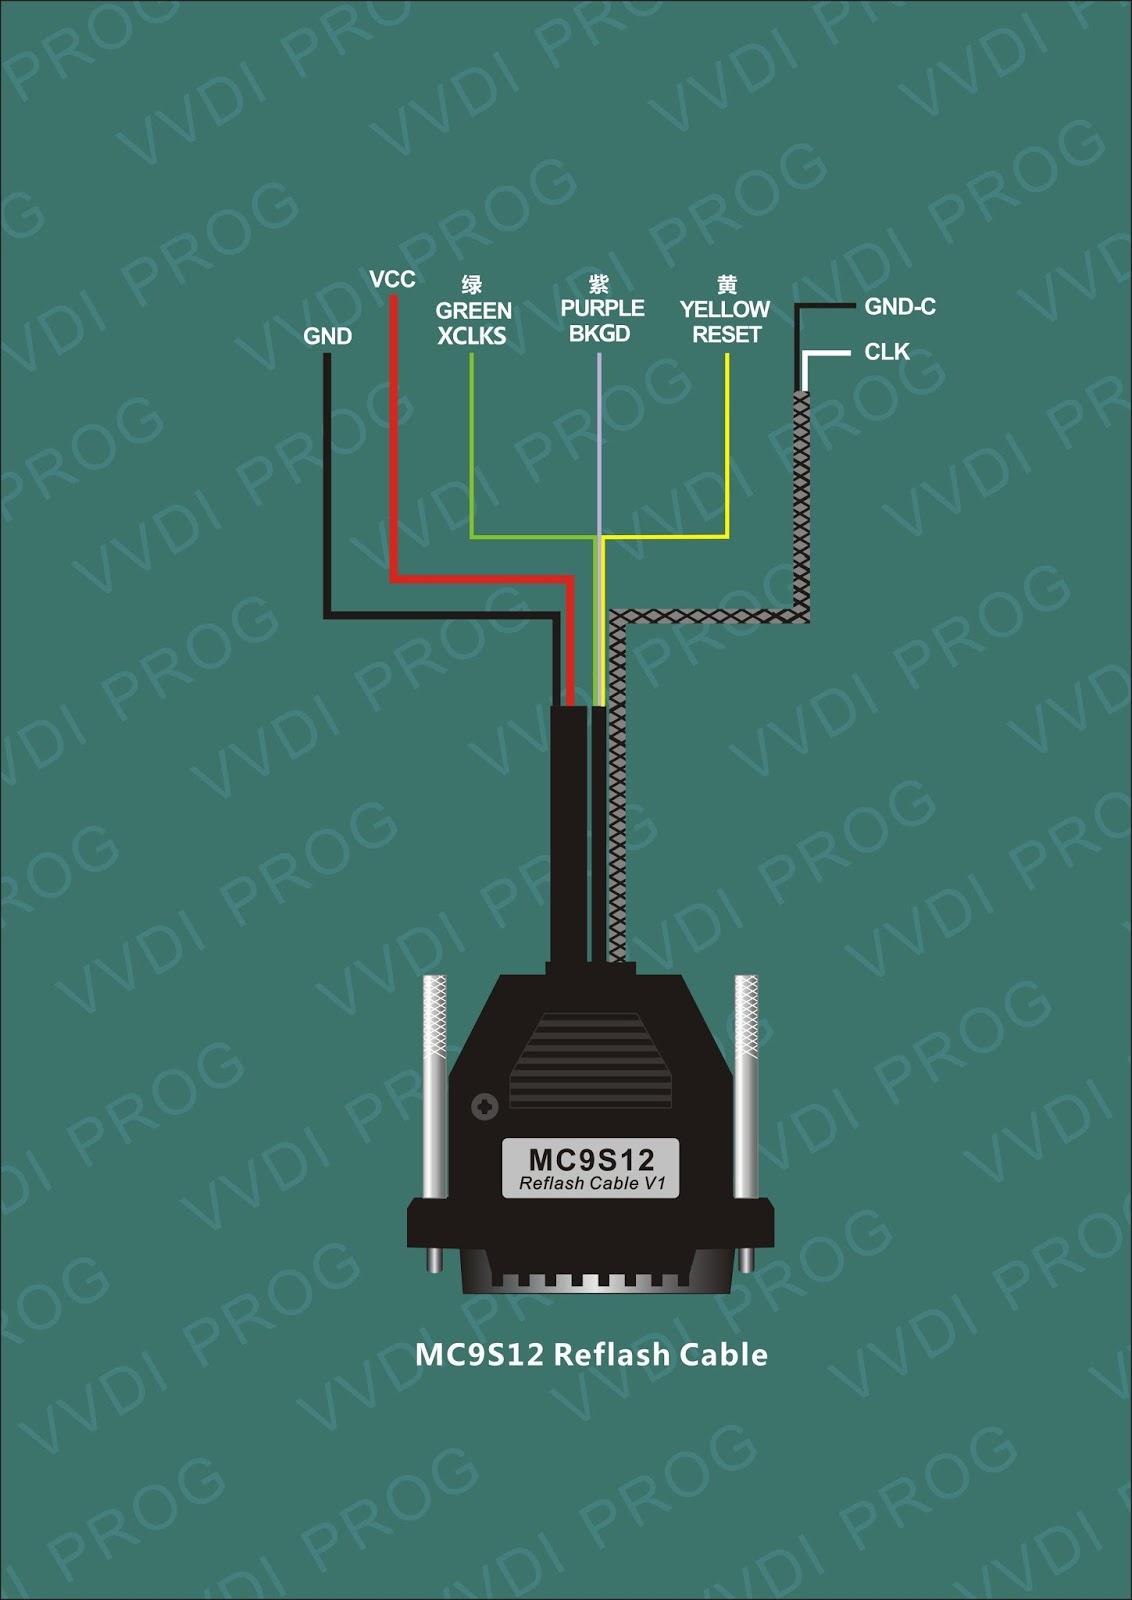 VVDIProg 4.3.1 ECU Wiring Diagram | OBD2 vehicle diagnostics